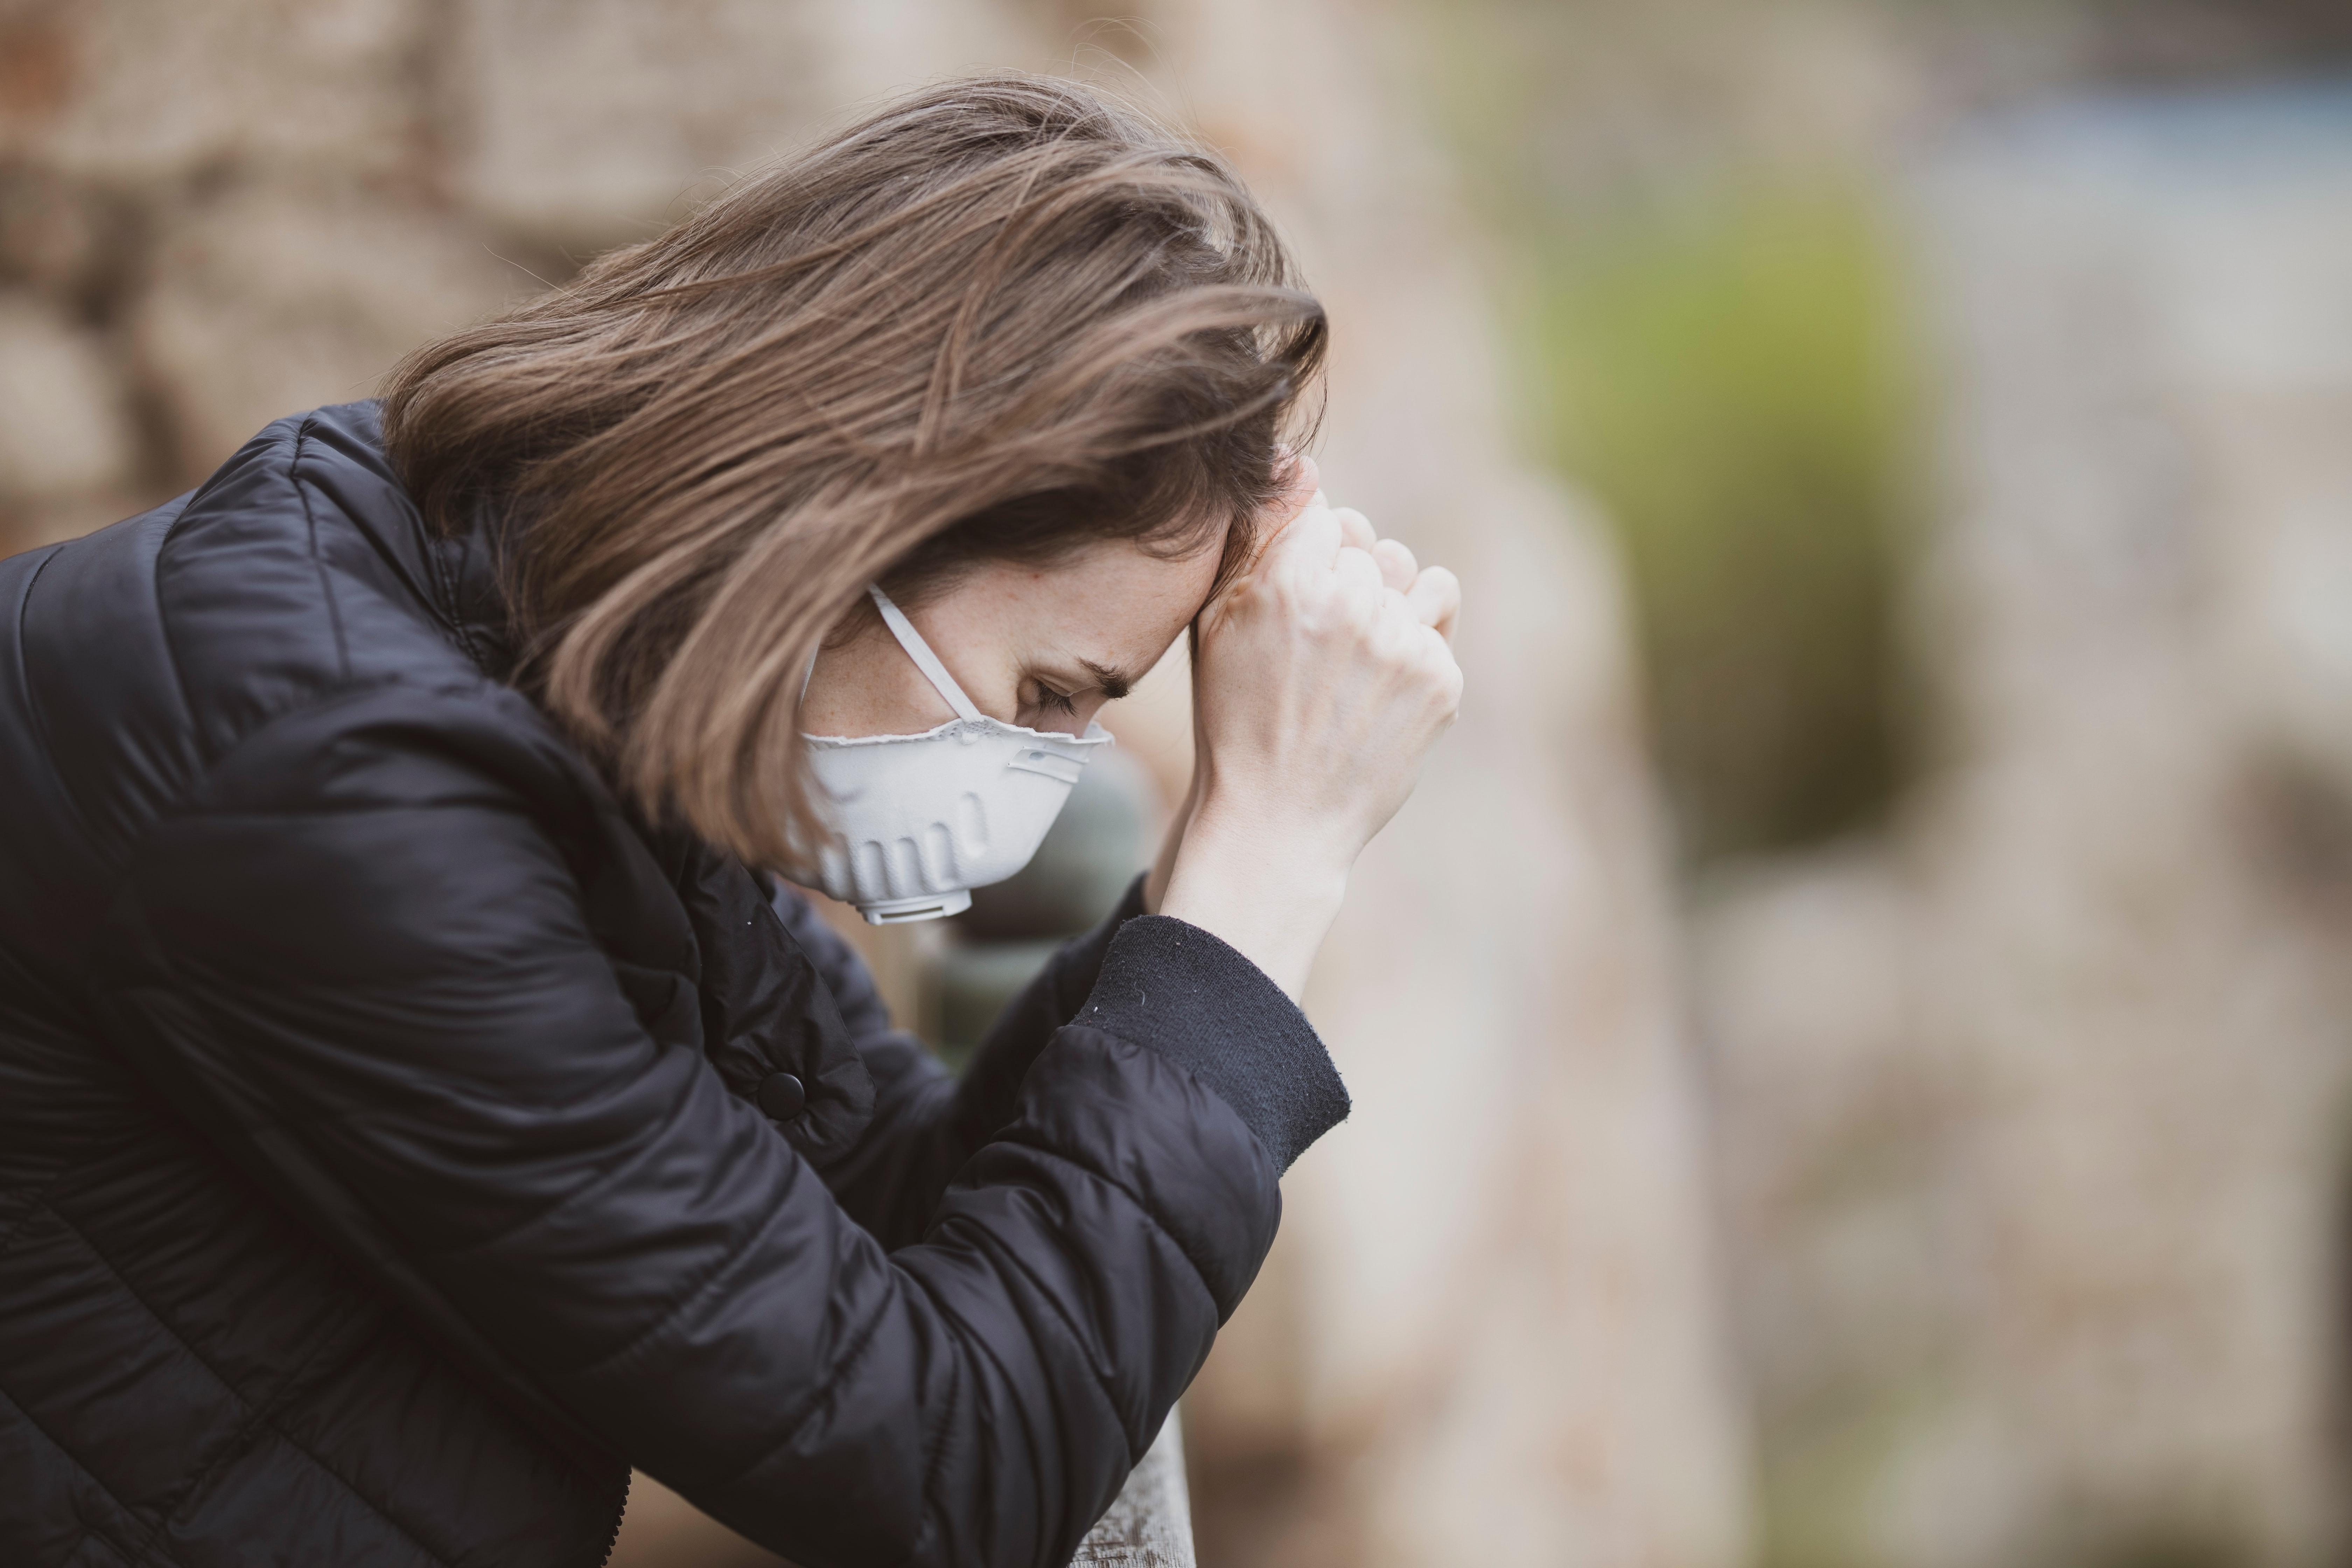 Światowa Organizacja Zdrowia definiuje zdrowie psychiczne jako stan dobrego samopoczucia, w którym możliwe jest pełne wykorzystanie posiadanych zdolności (Fot. engin akyurt/Unsplash)